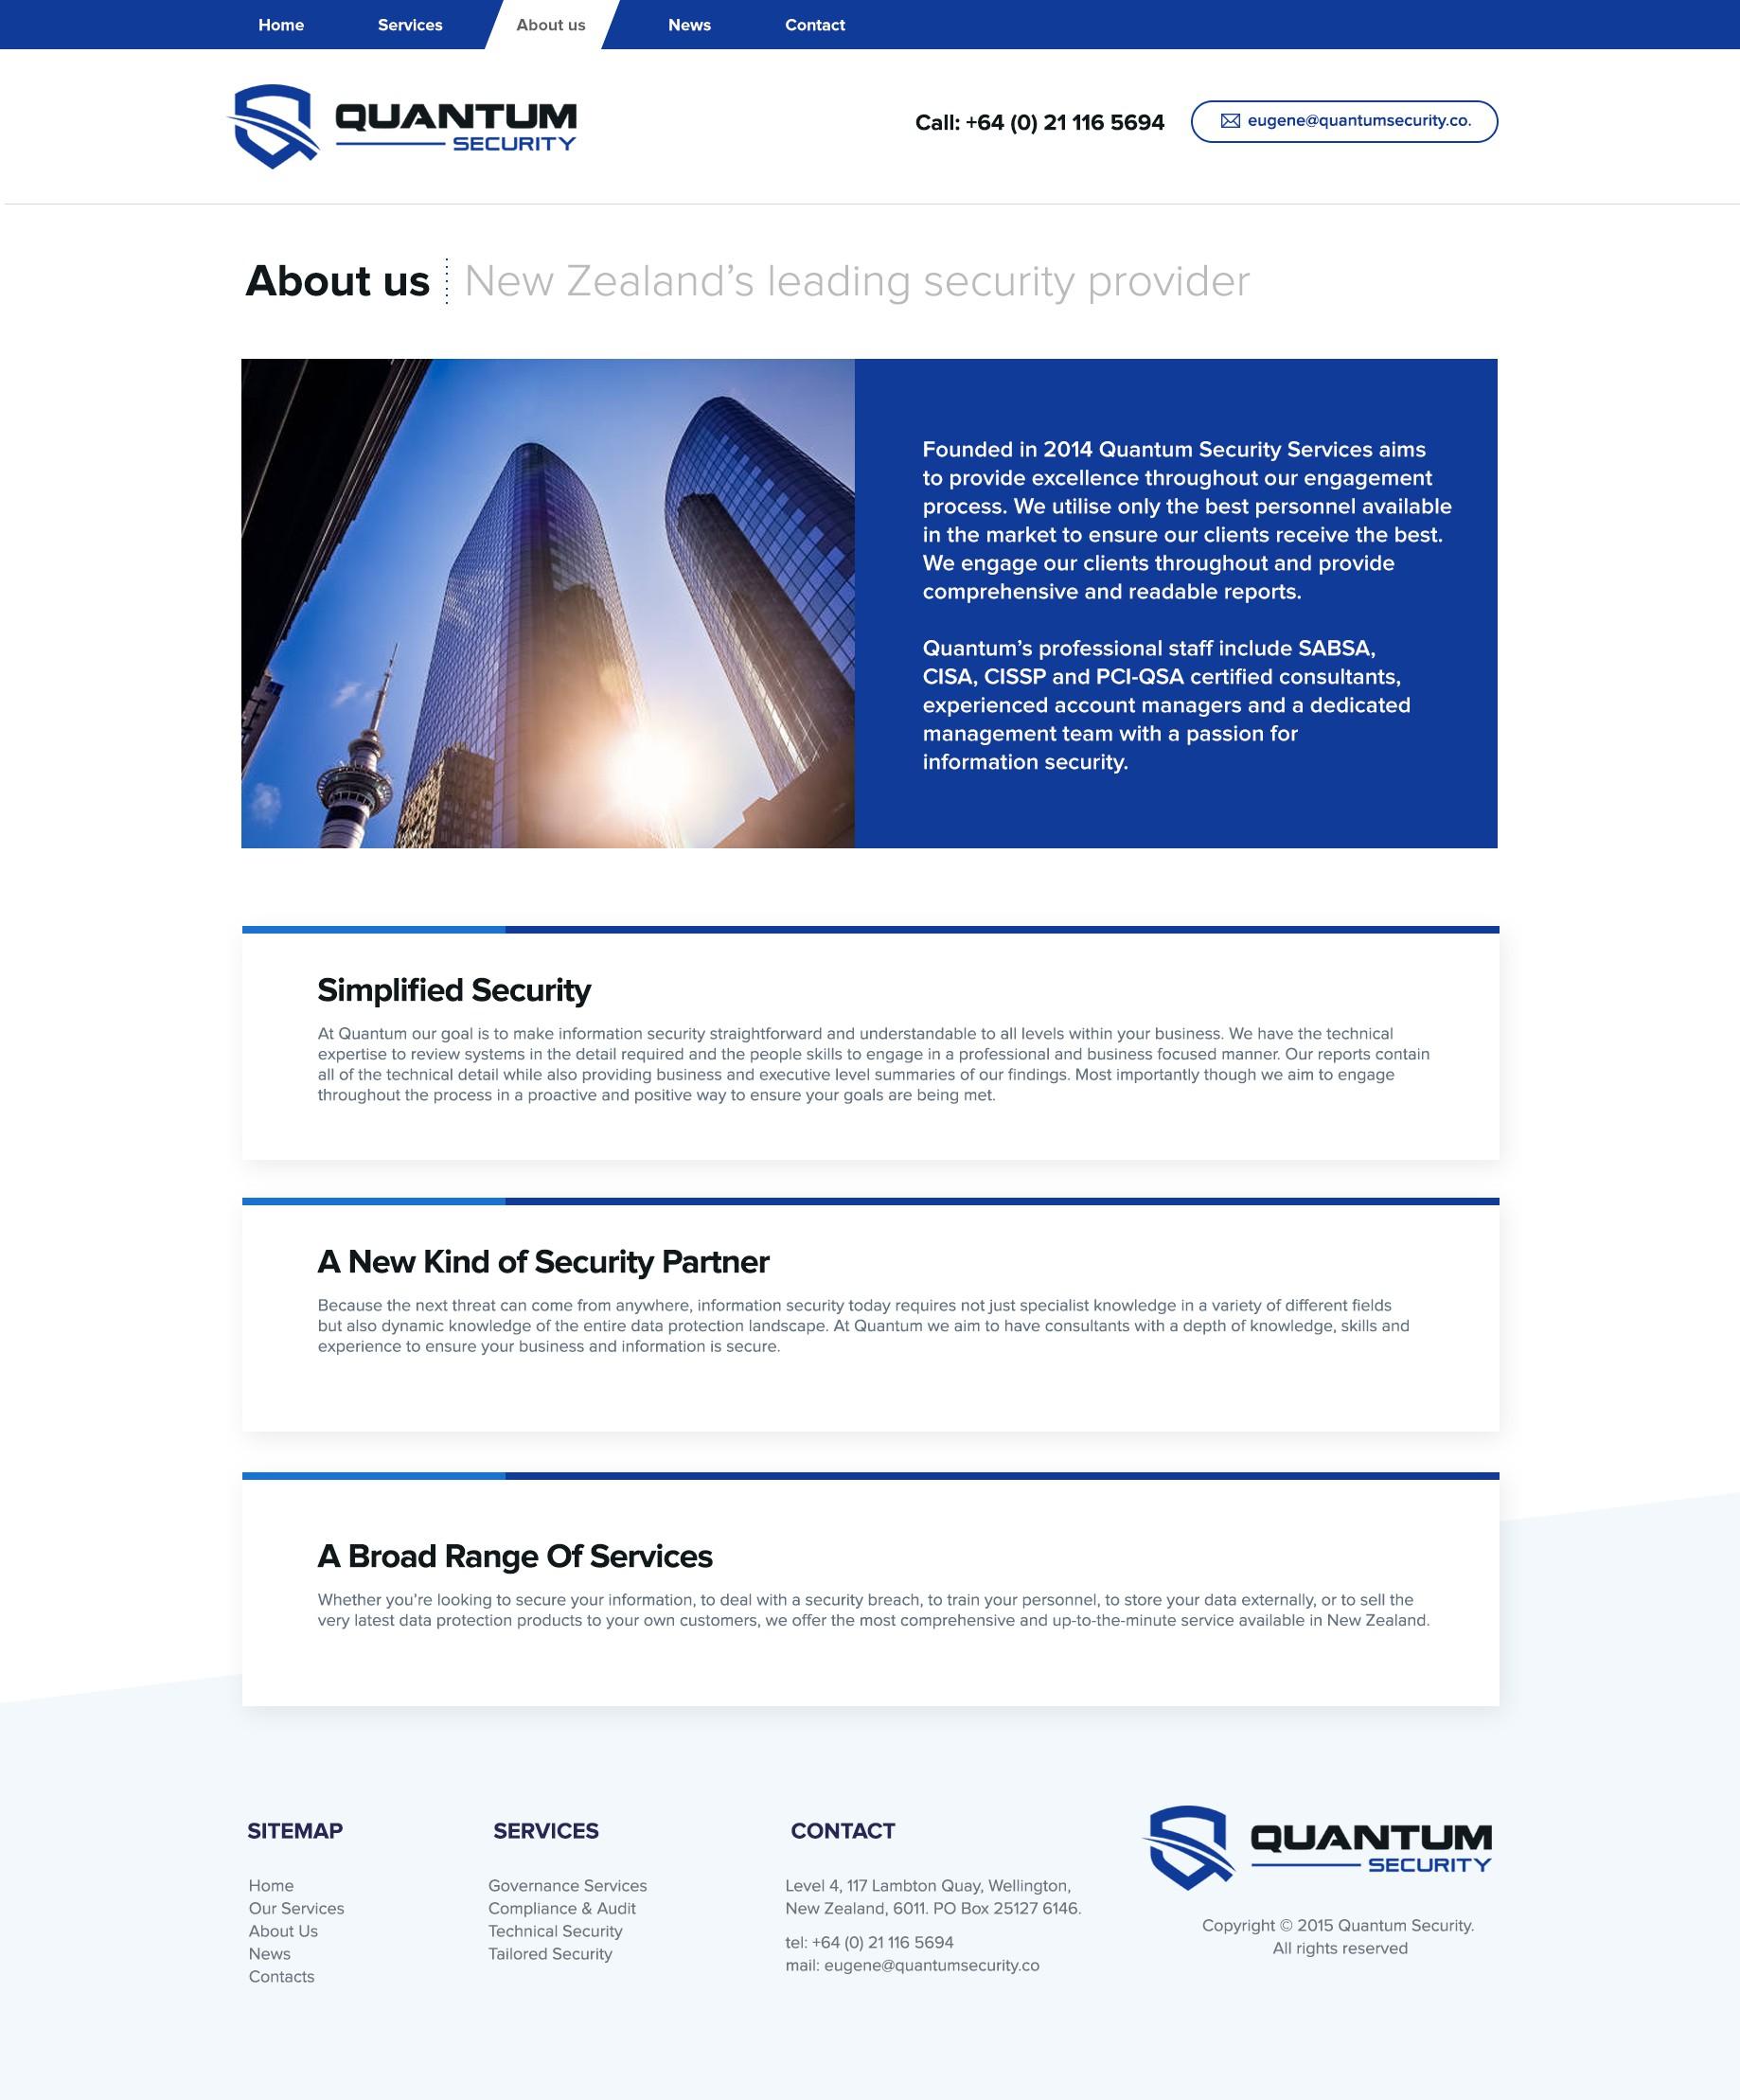 Quantum Security Webpage